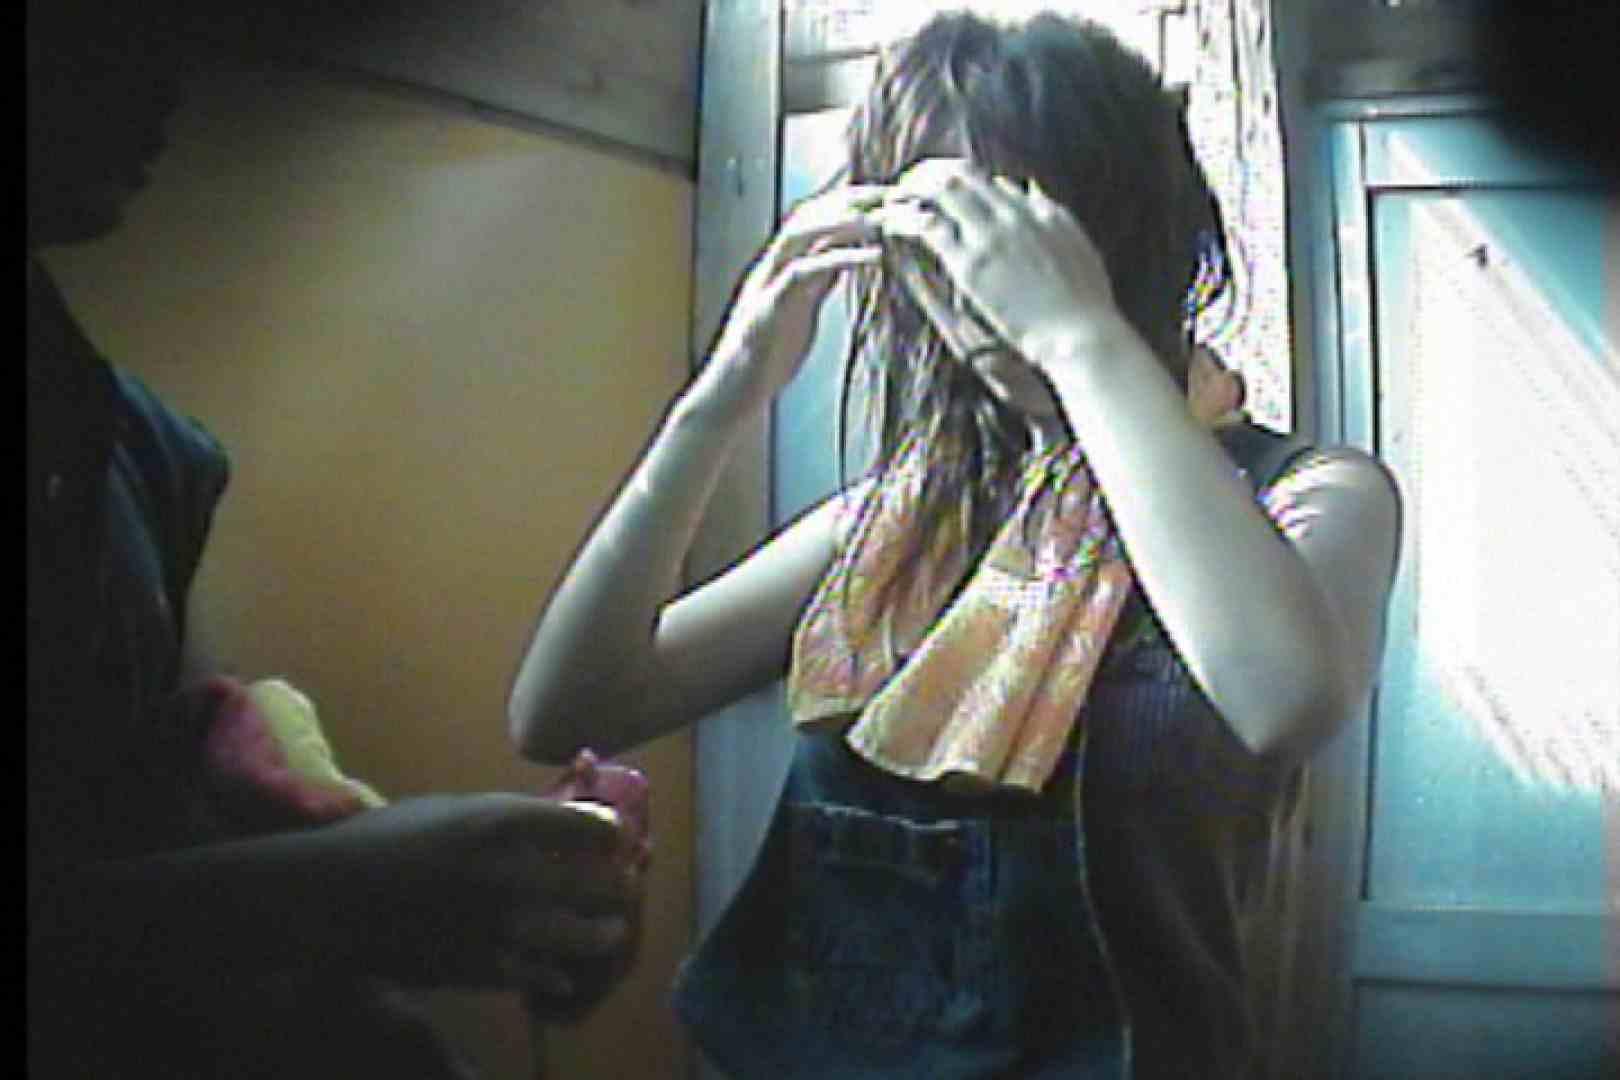 海の家の更衣室 Vol.47 OLの実態 盗撮おまんこ無修正動画無料 95pic 20